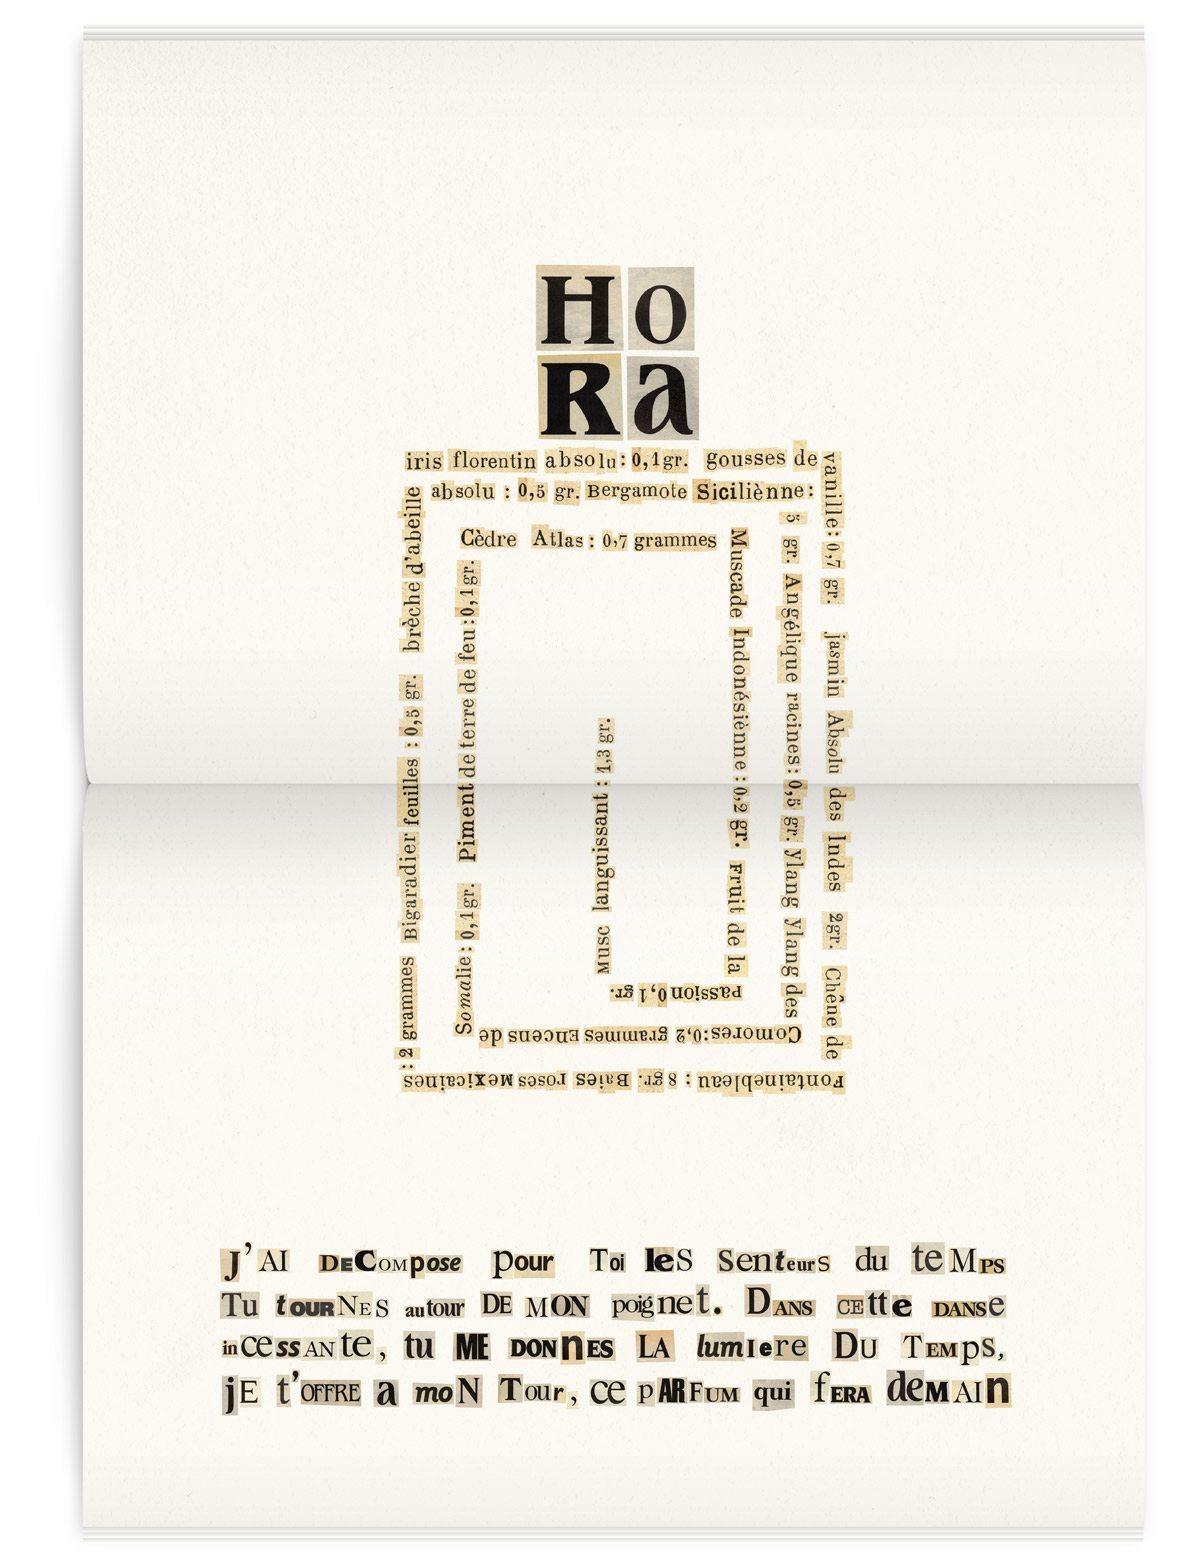 La page Hora du magazine Iconofly, revue d'art autour d'un accessoire, la montre, design IchetKar